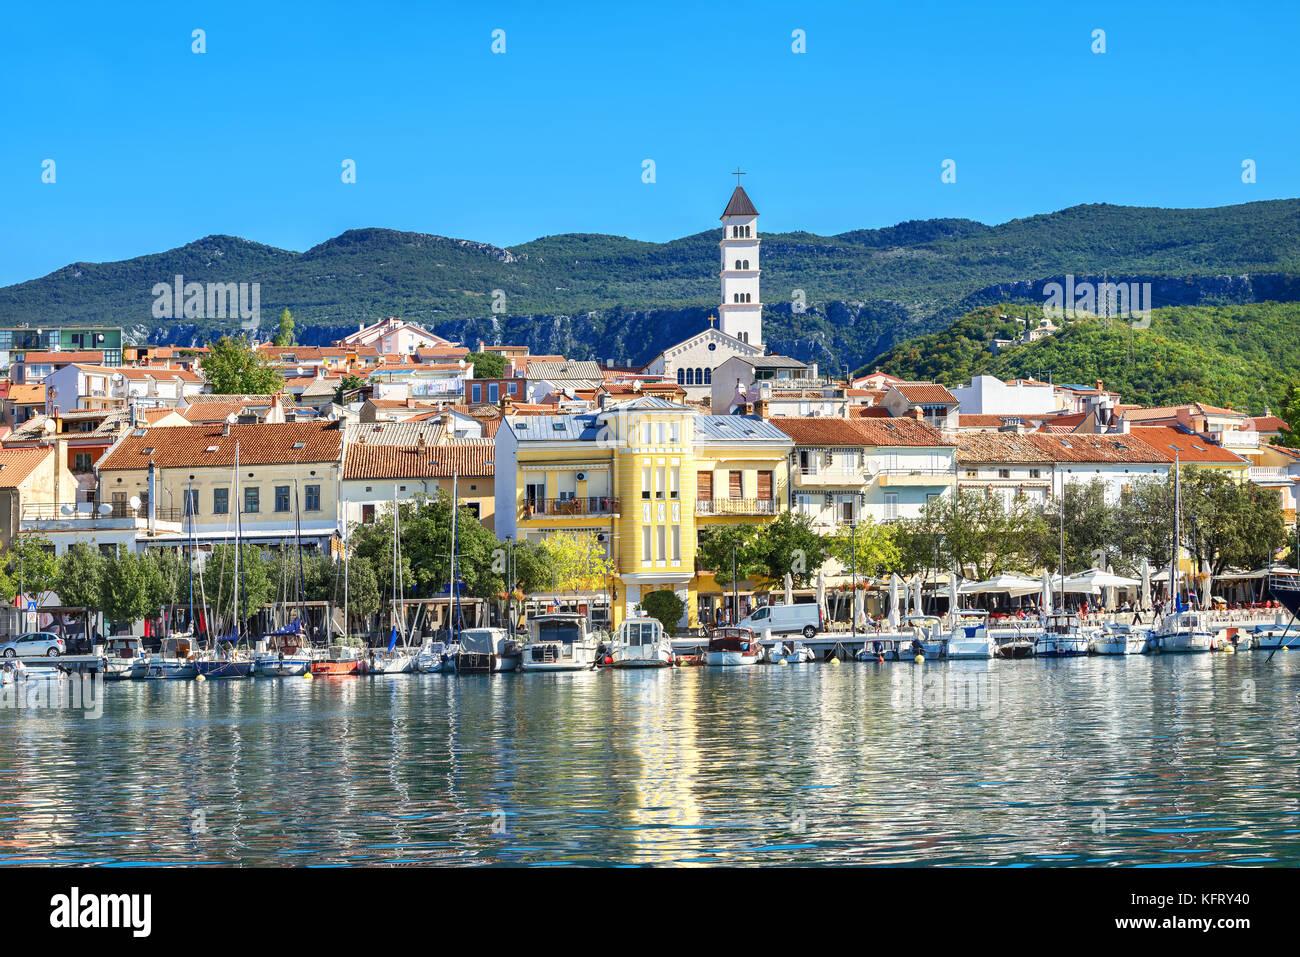 Ansicht der mediterranen Küstenstadt crikvenica Istrien, Kroatien Stockbild